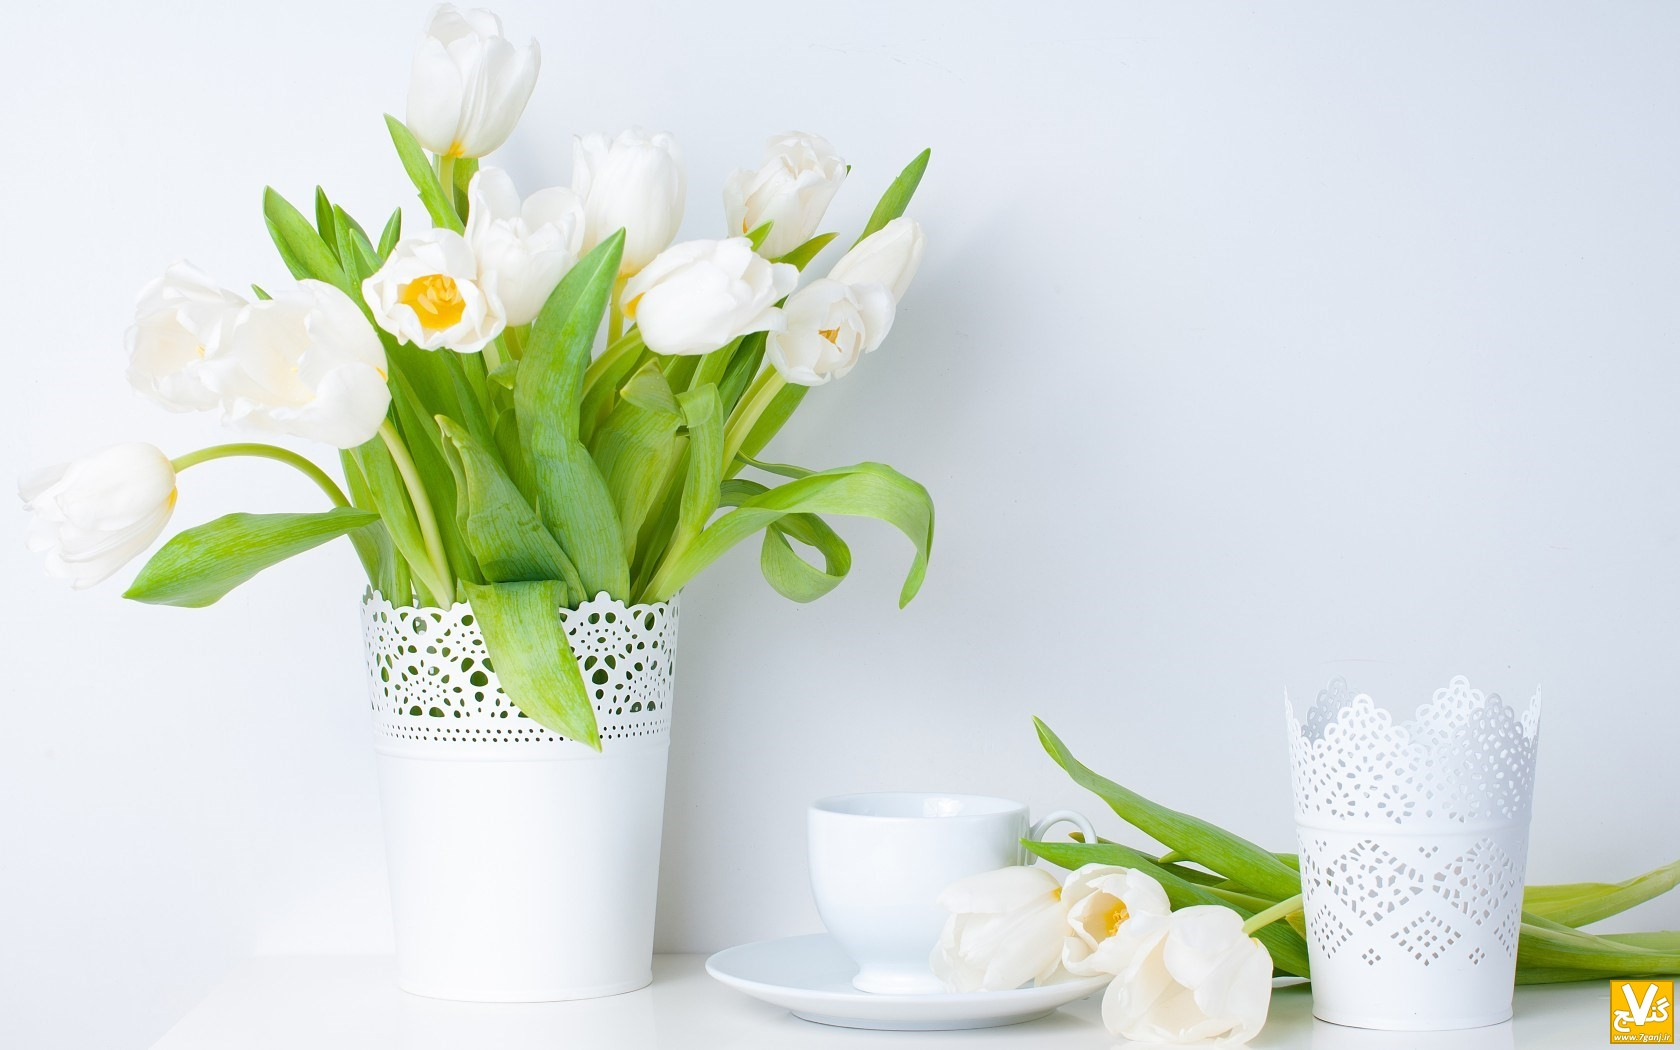 tulips-white-flowers-vase-spring-wallpaper-1680x1050